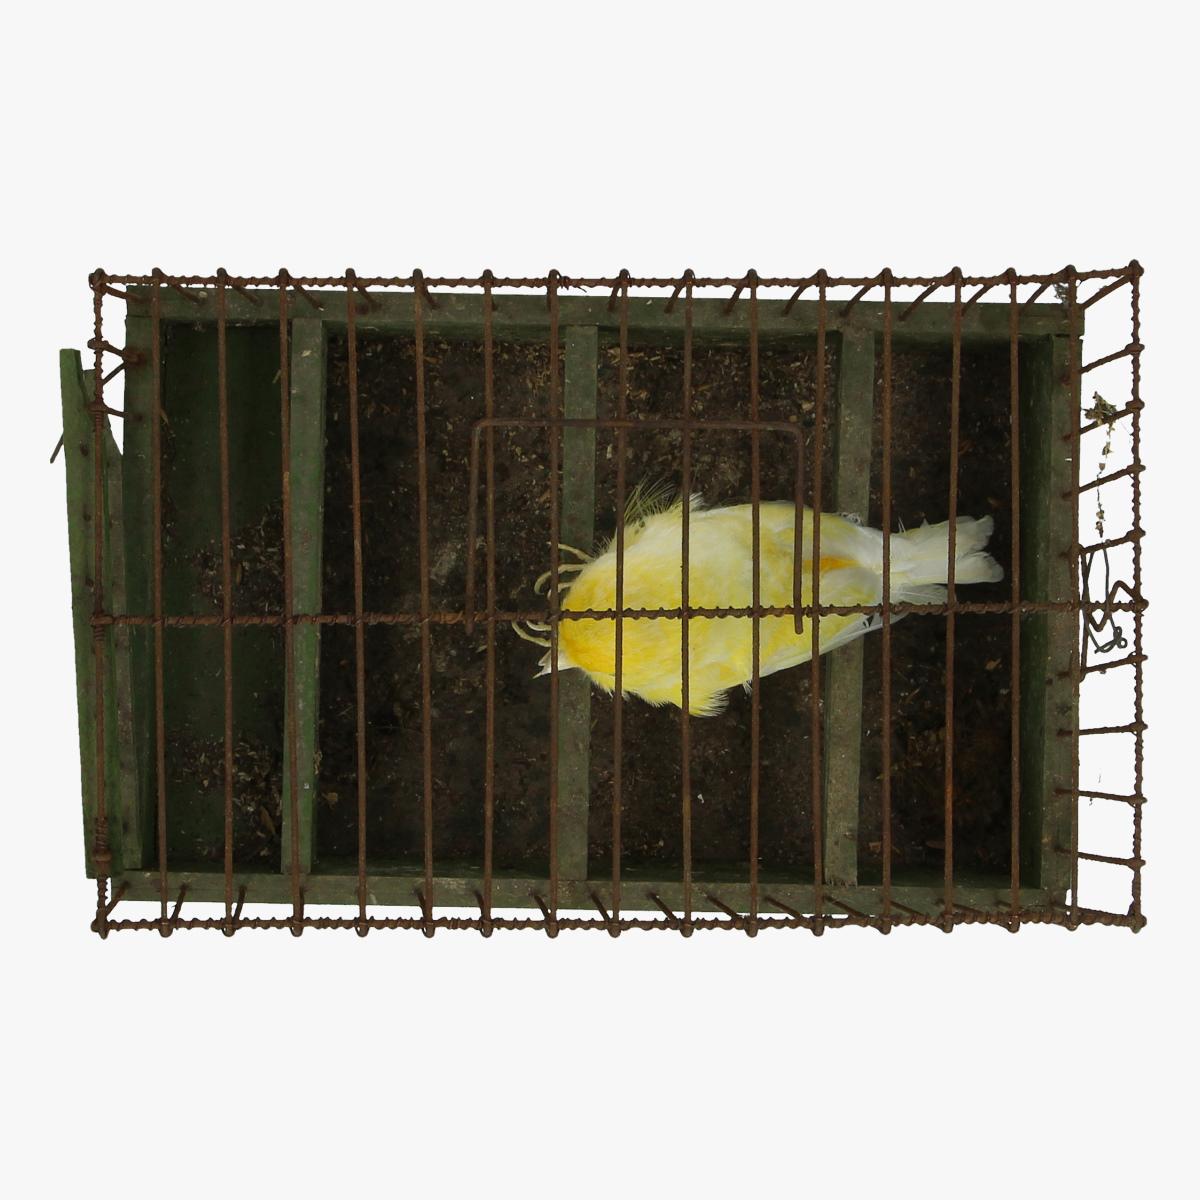 Afbeeldingen van opgezette kanarie in kooi